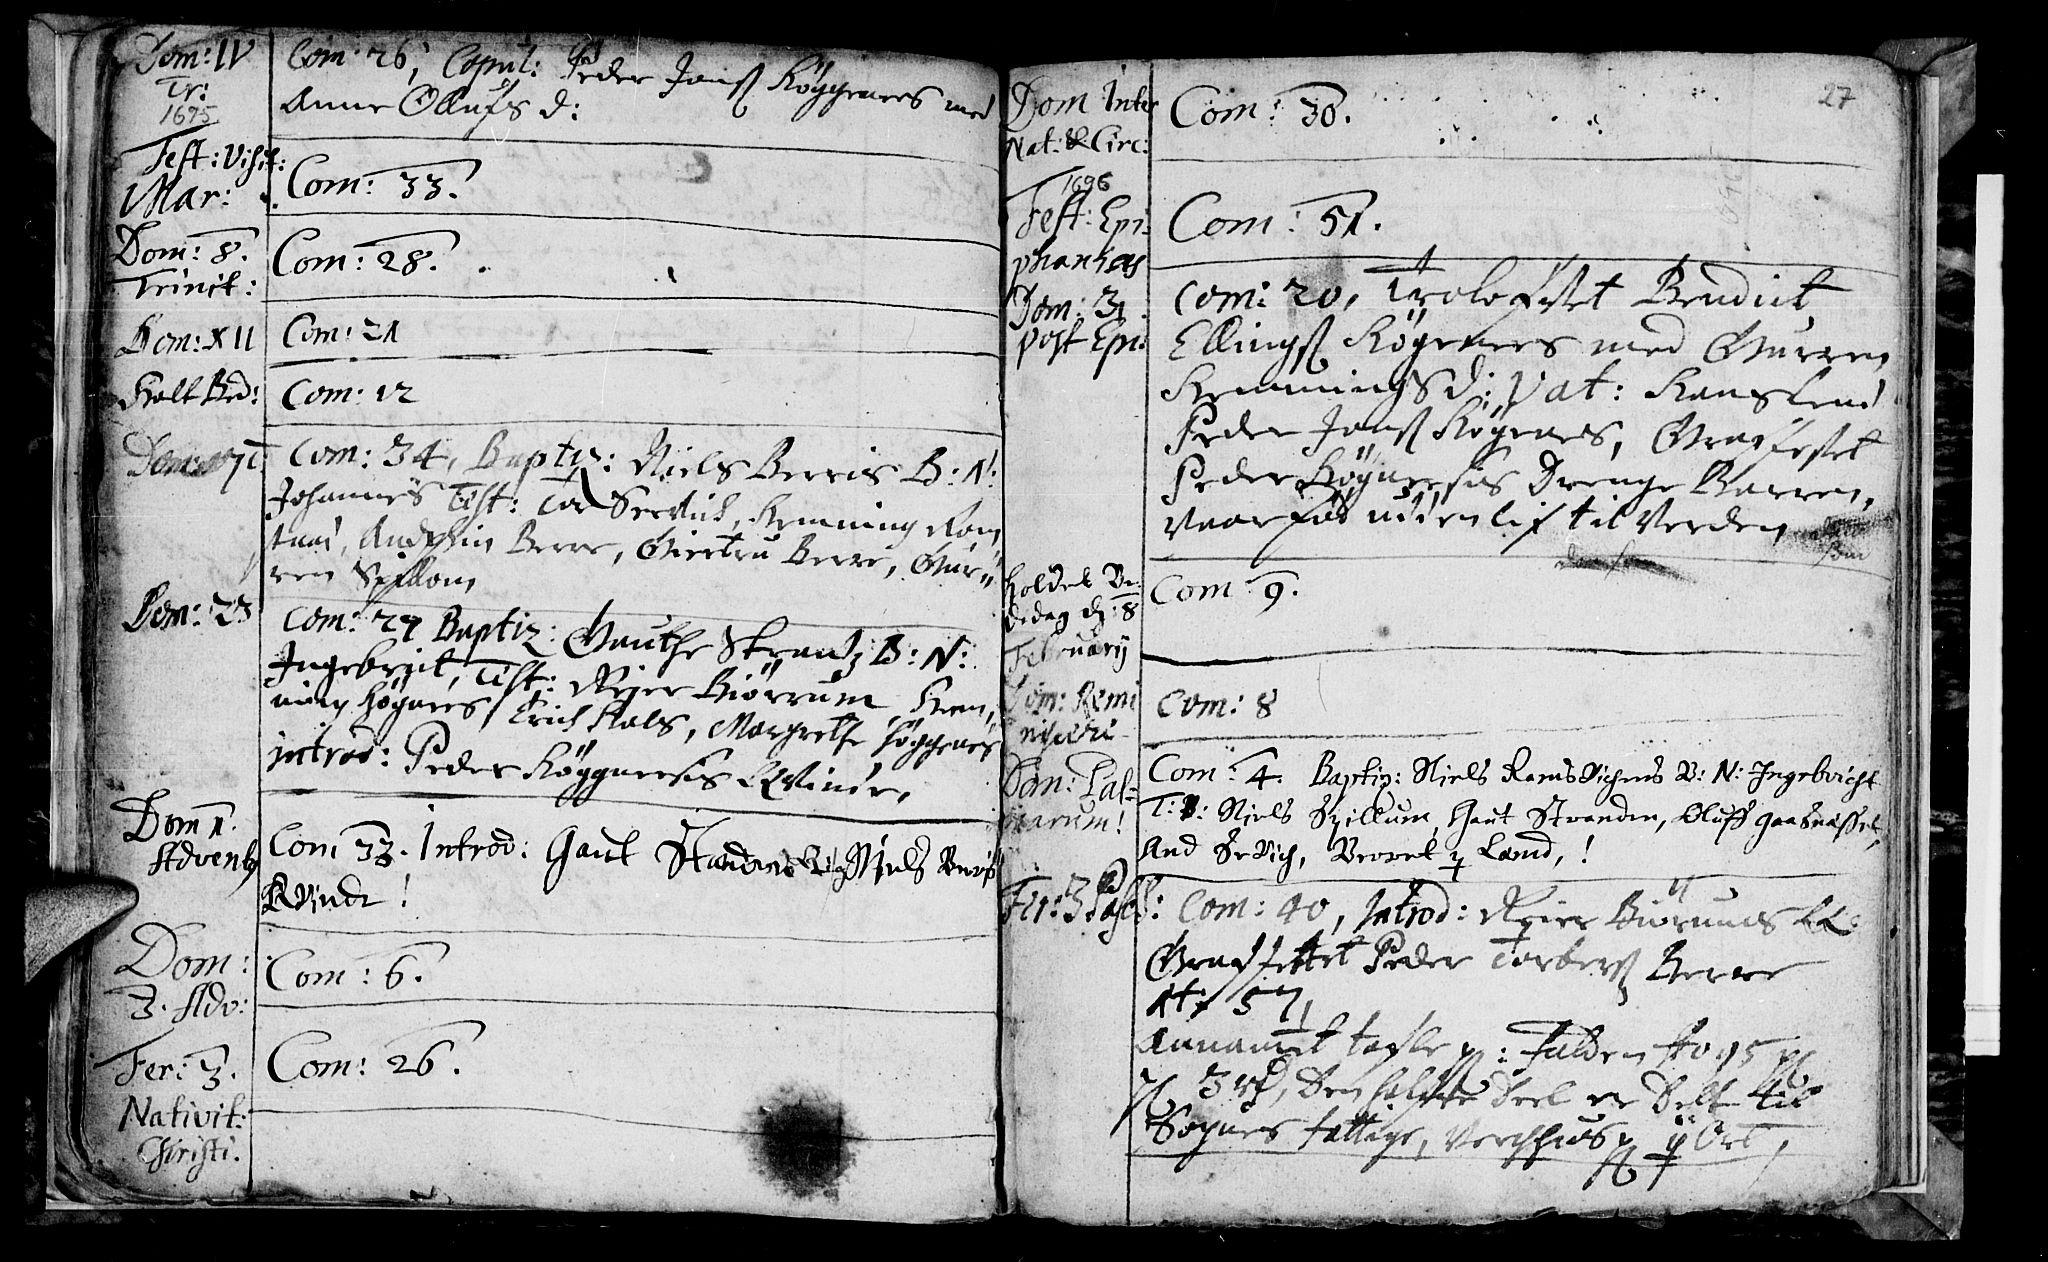 SAT, Ministerialprotokoller, klokkerbøker og fødselsregistre - Nord-Trøndelag, 770/L0587: Ministerialbok nr. 770A01, 1689-1697, s. 26-27